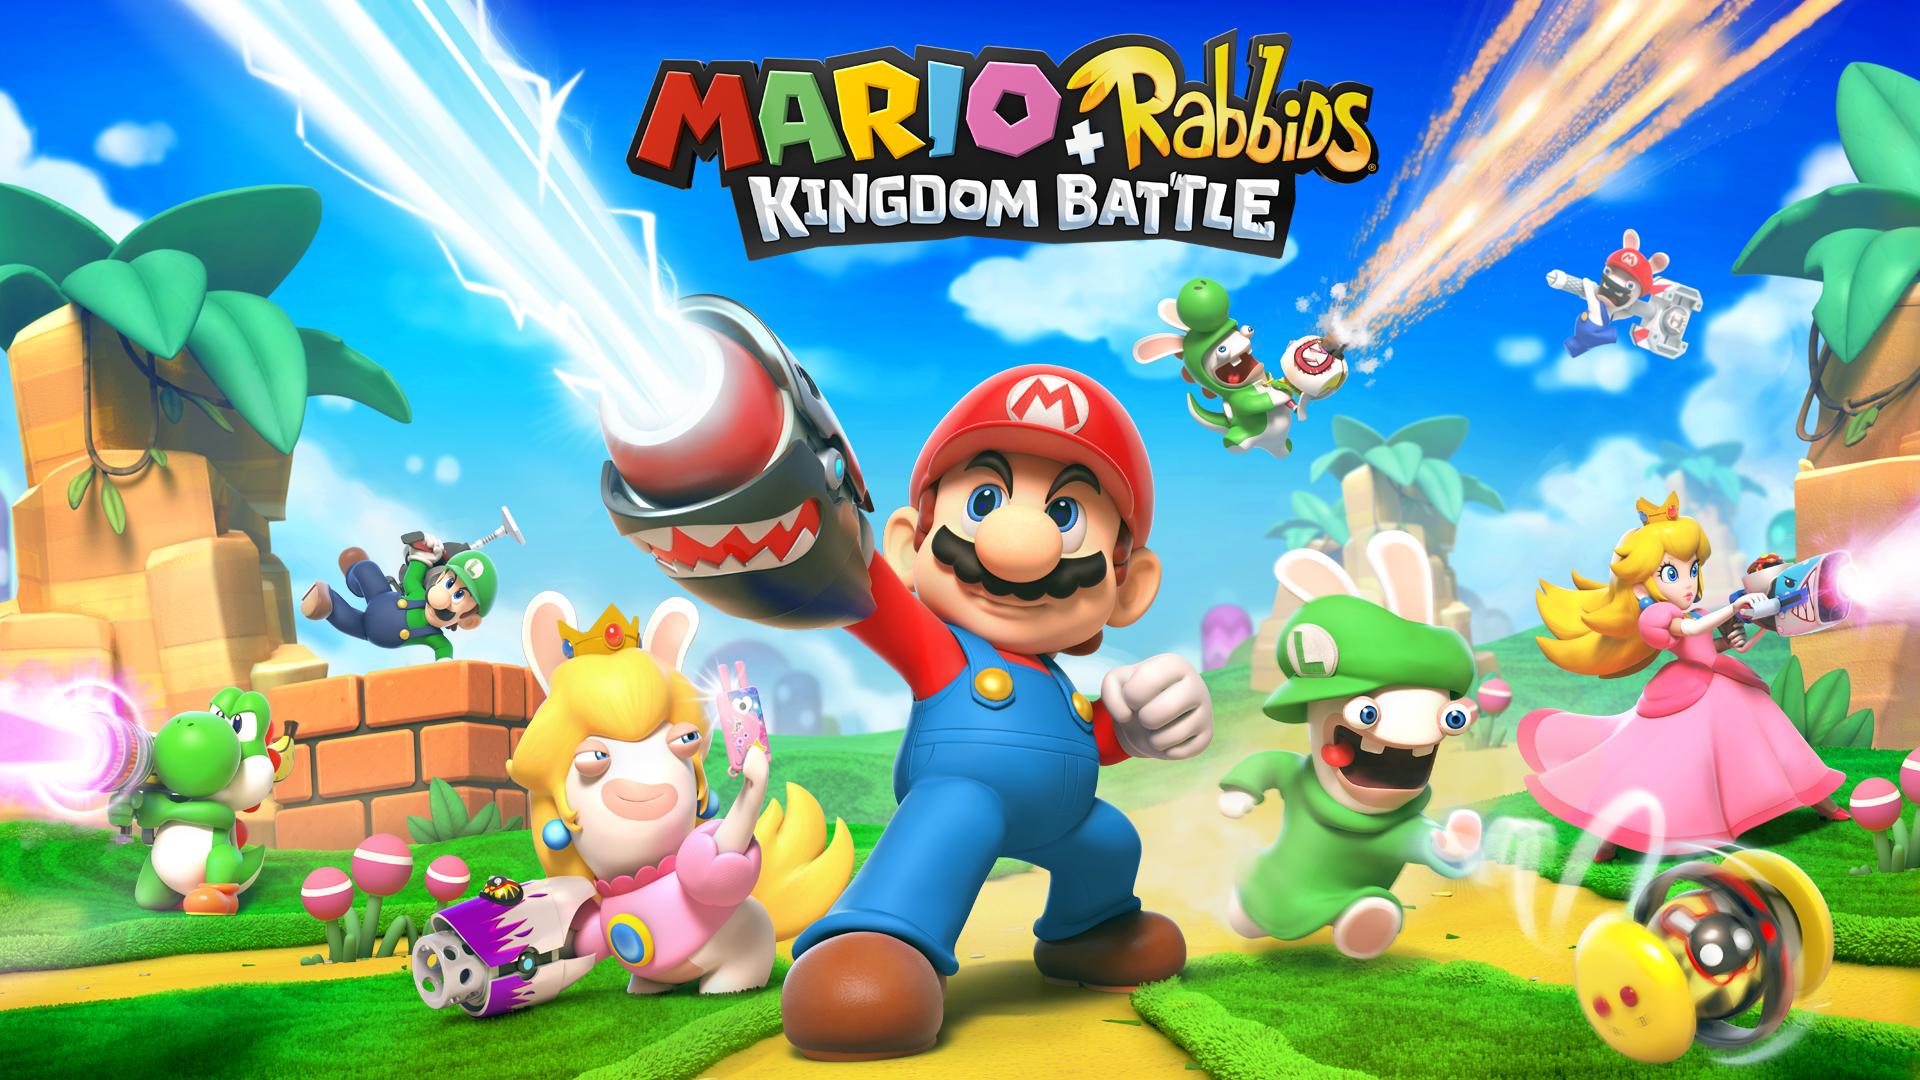 育碧《马里奥和疯狂兔子:王国大战》大获成功 超750万玩家玩过